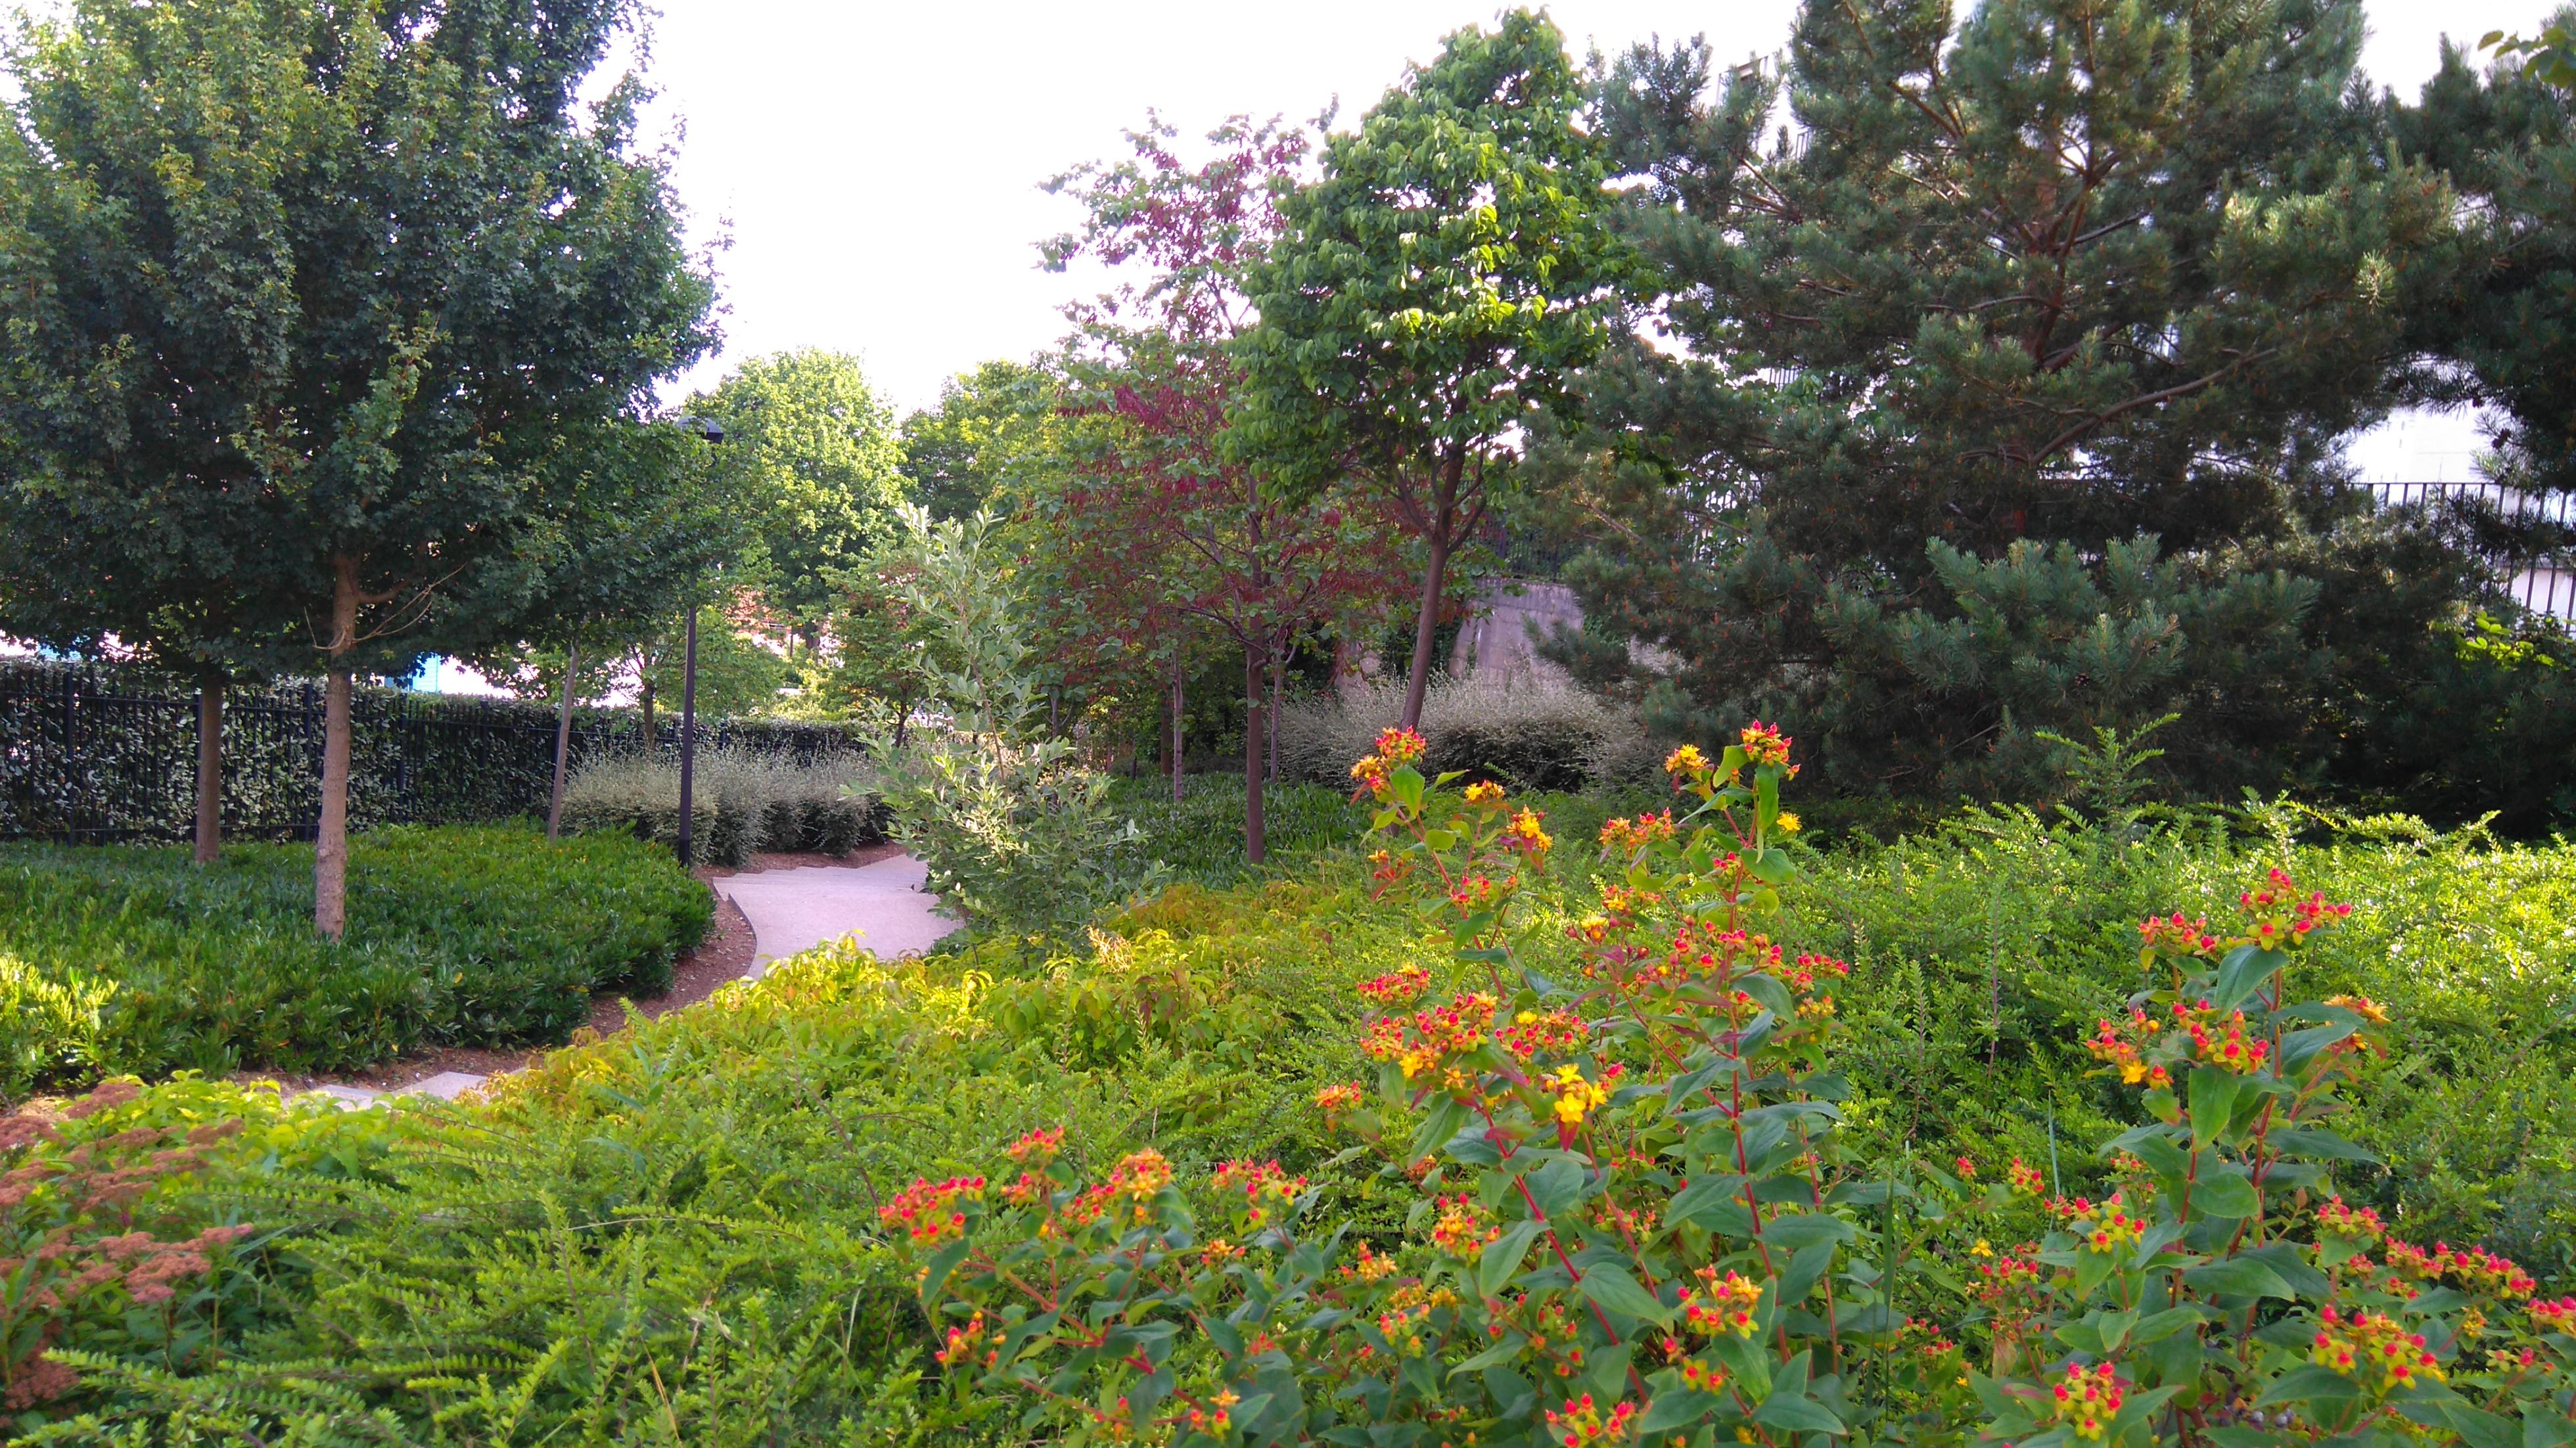 Portes ouvertes au chantier espaces verts d antony for Chantier espace vert